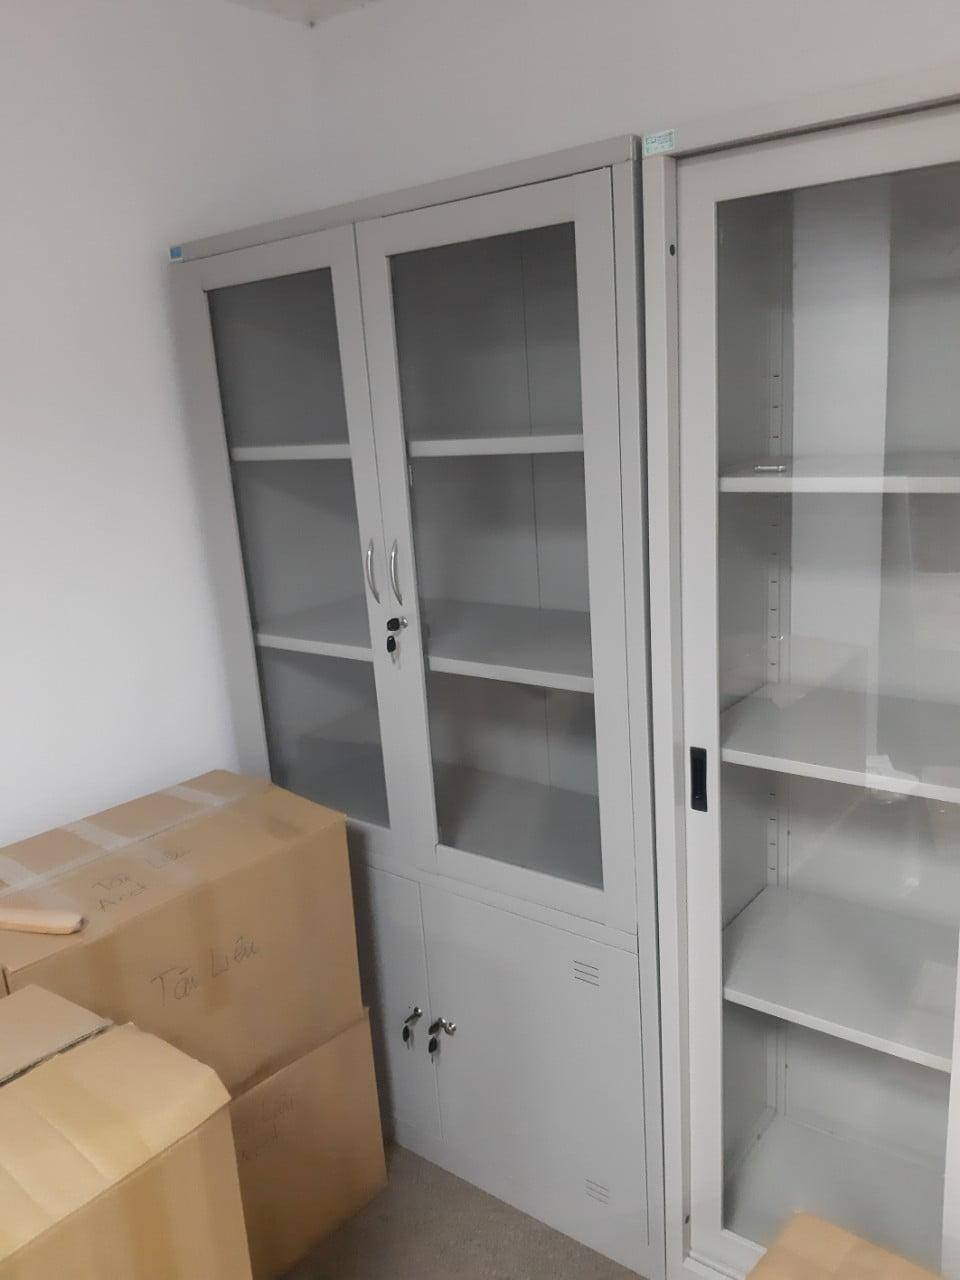 Thanh lý tủ văn phòng Hà Đông mới 100% giá rẻ nhất